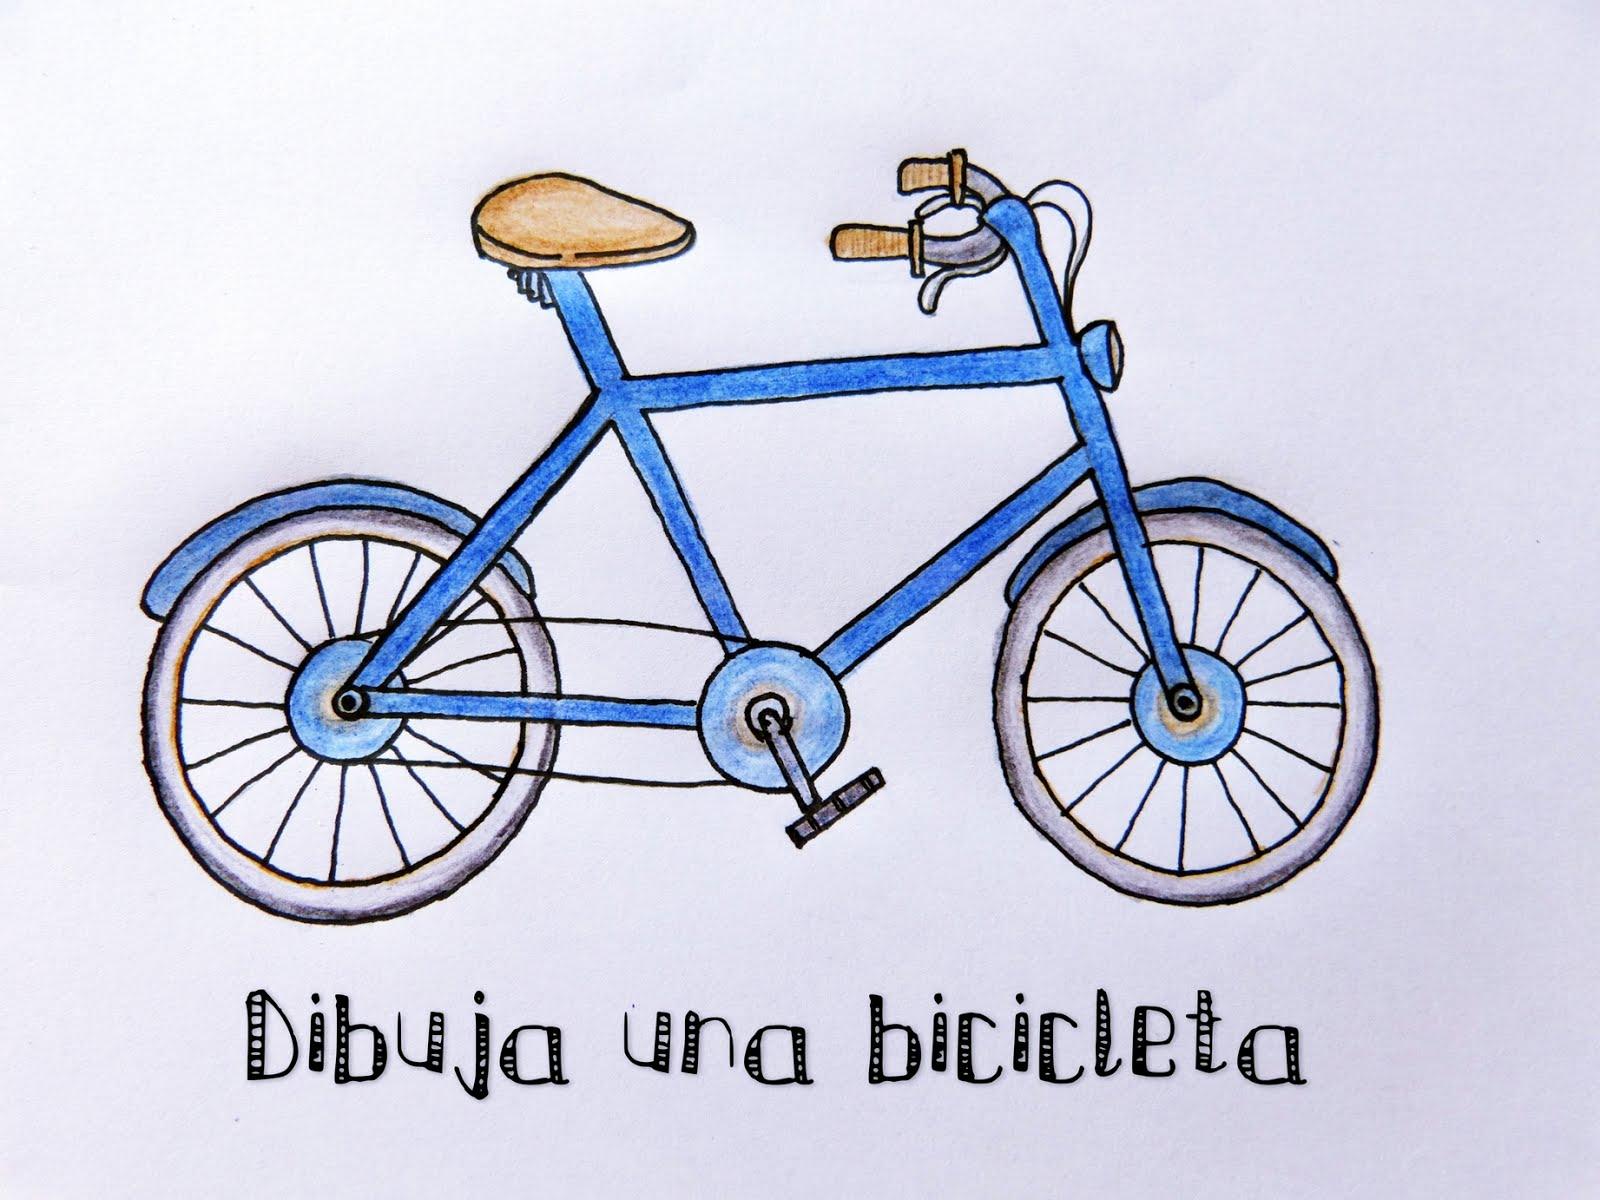 Nica Bernita Dibujo Manualidades Y Apuntes Bonitos Tutorial De Dibujo